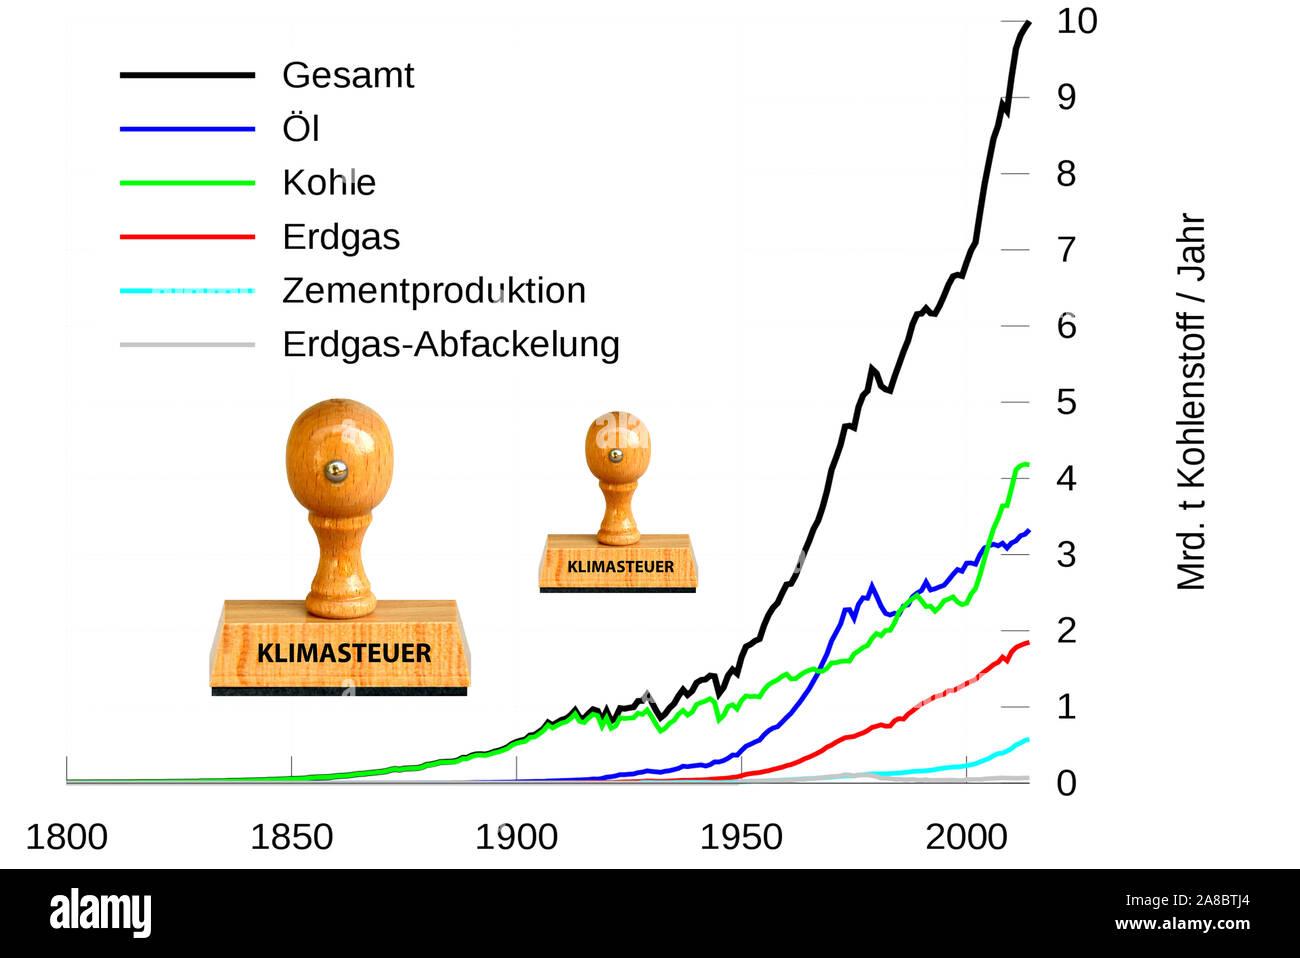 Stempel, Holzstempel, Aufschrift, Klimasteuer, Grafik mit Entwicklung von CO2 Ausstoss, CO2-Steuer, Umweltsteuer, Emissionssteuer, Stock Photo